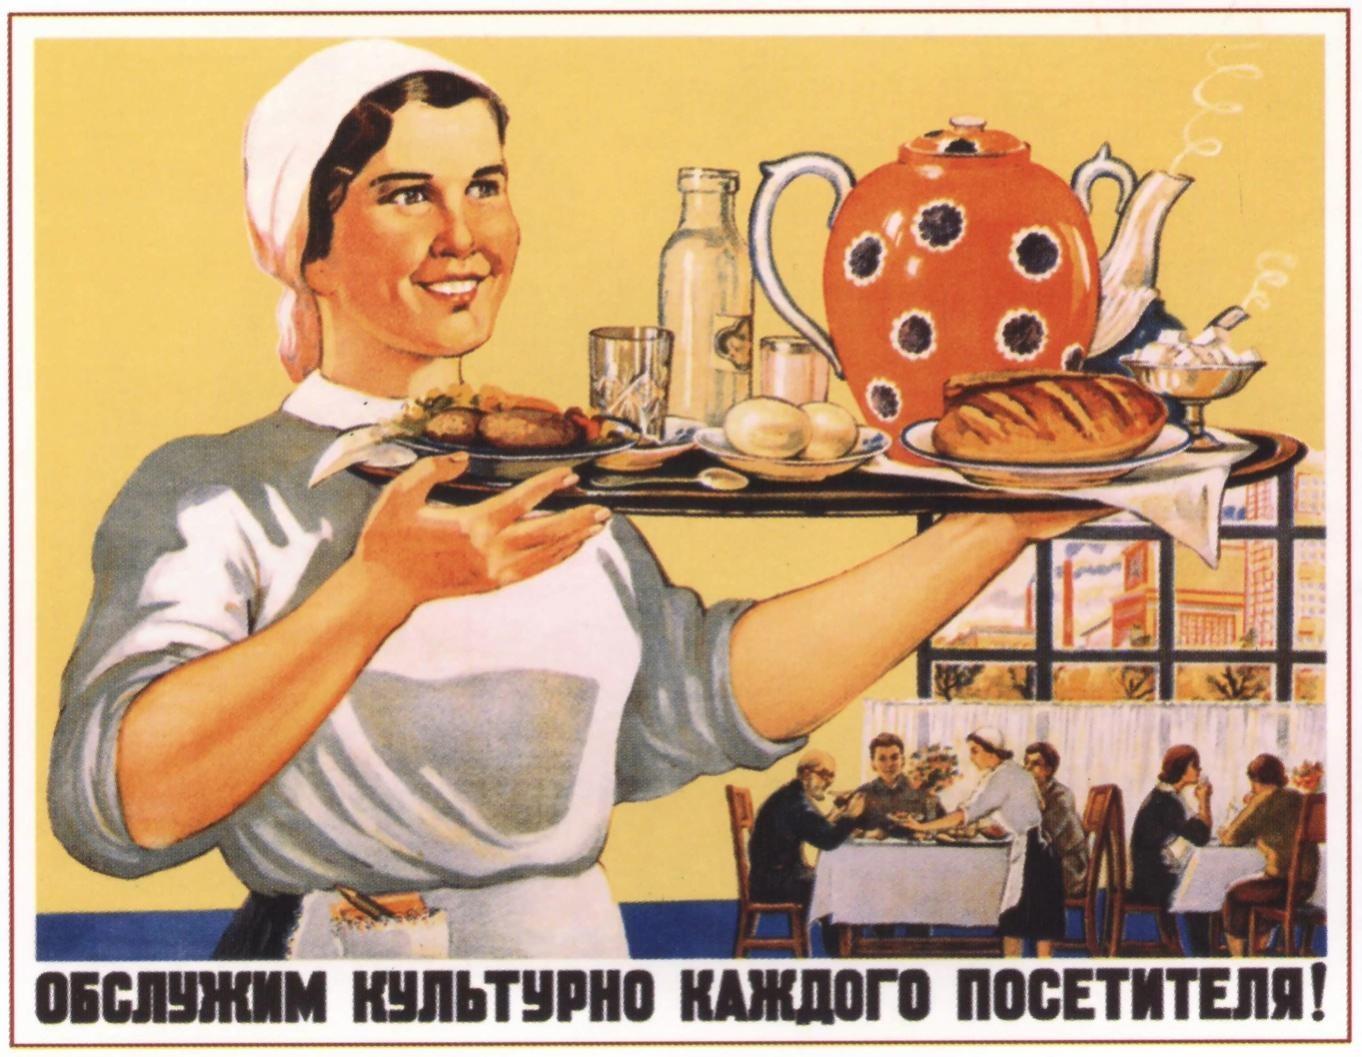 День повара.Обслужим культурно каждого посетителя